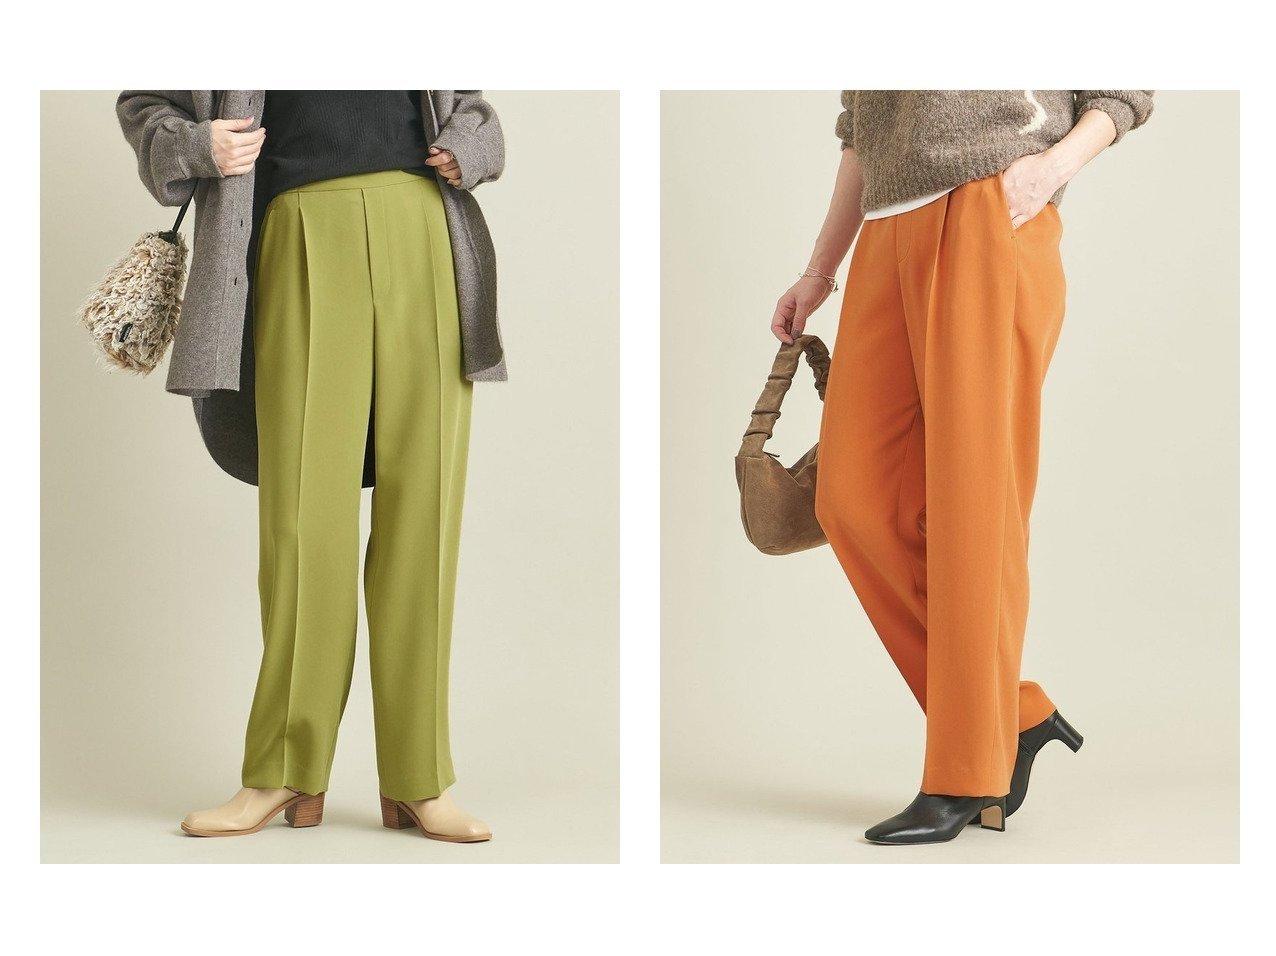 【BEAUTY&YOUTH / UNITED ARROWS/ビューティ&ユース ユナイテッドアローズ】のBY ダブルクロスタックワイドテーパードパンツ -ウォッシャブル- 【パンツ】おすすめ!人気、トレンド・レディースファッションの通販 おすすめで人気の流行・トレンド、ファッションの通販商品 インテリア・家具・メンズファッション・キッズファッション・レディースファッション・服の通販 founy(ファニー) https://founy.com/ ファッション Fashion レディースファッション WOMEN パンツ Pants ウォッシャブル ジーンズ スウェット スニーカー スマート センター とろみ ダブル テーパード トレンド 定番 Standard 人気 ボトム リラックス ルーズ ワイド A/W・秋冬 AW・Autumn/Winter・FW・Fall-Winter おすすめ Recommend |ID:crp329100000071801